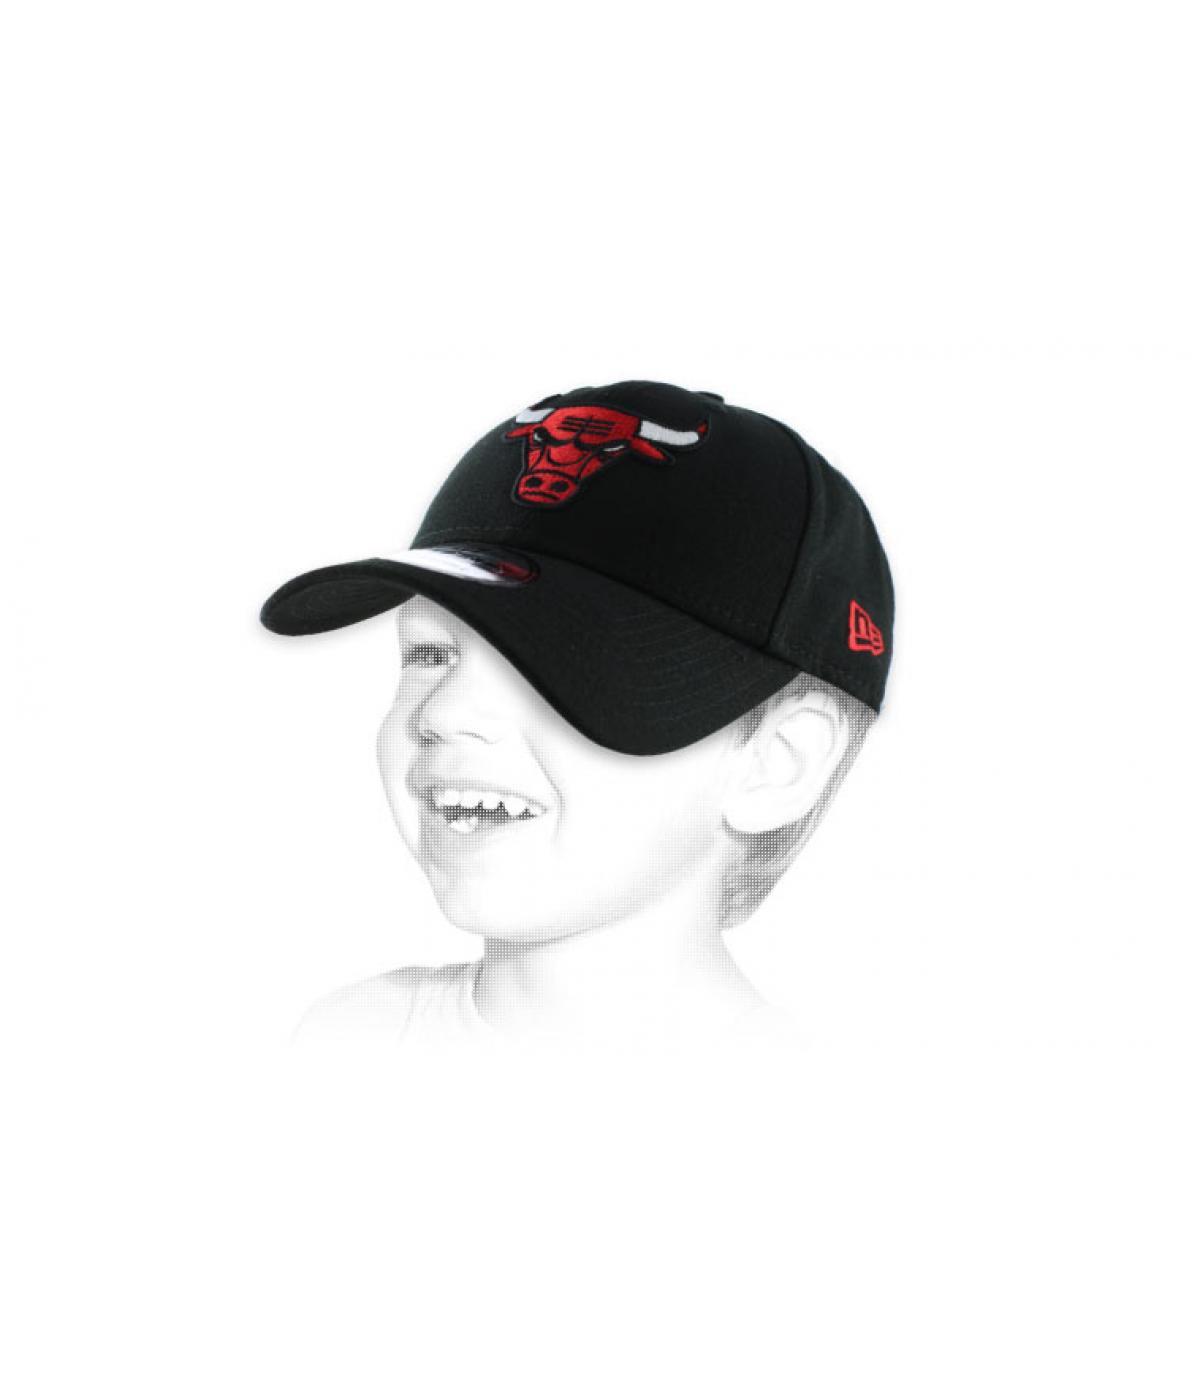 casquette enfant Bulls noire